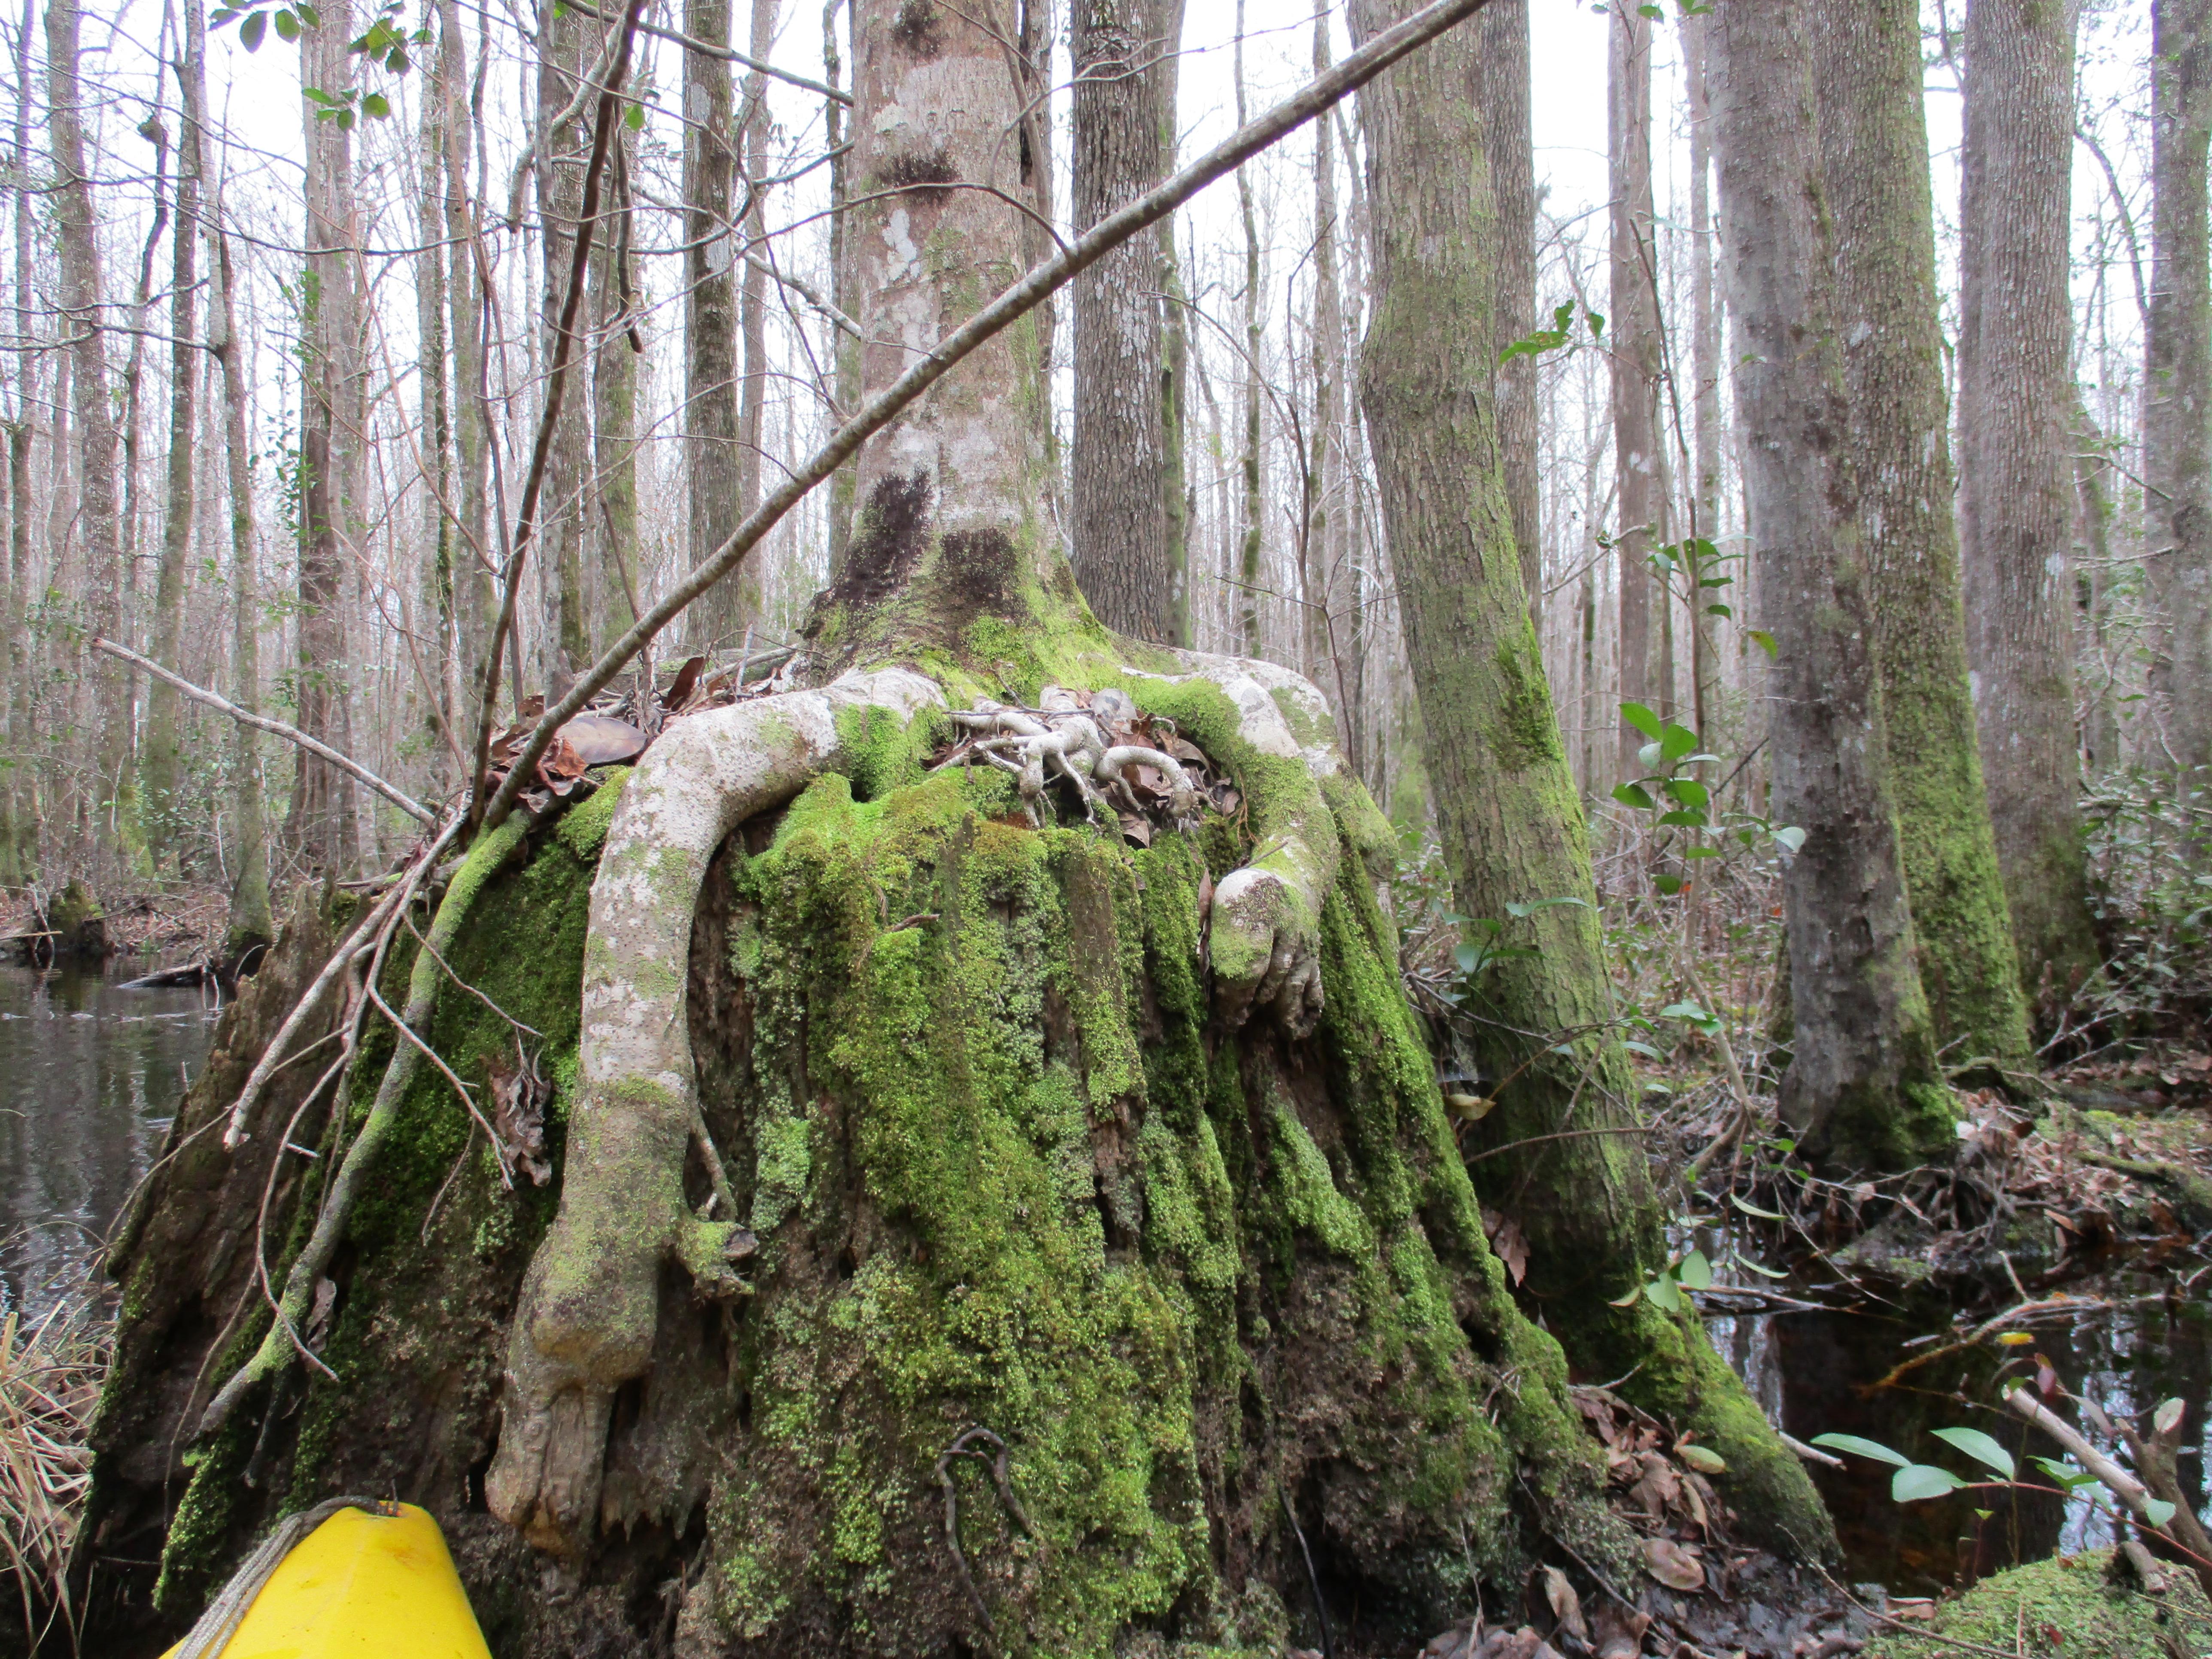 Image of stilt roots